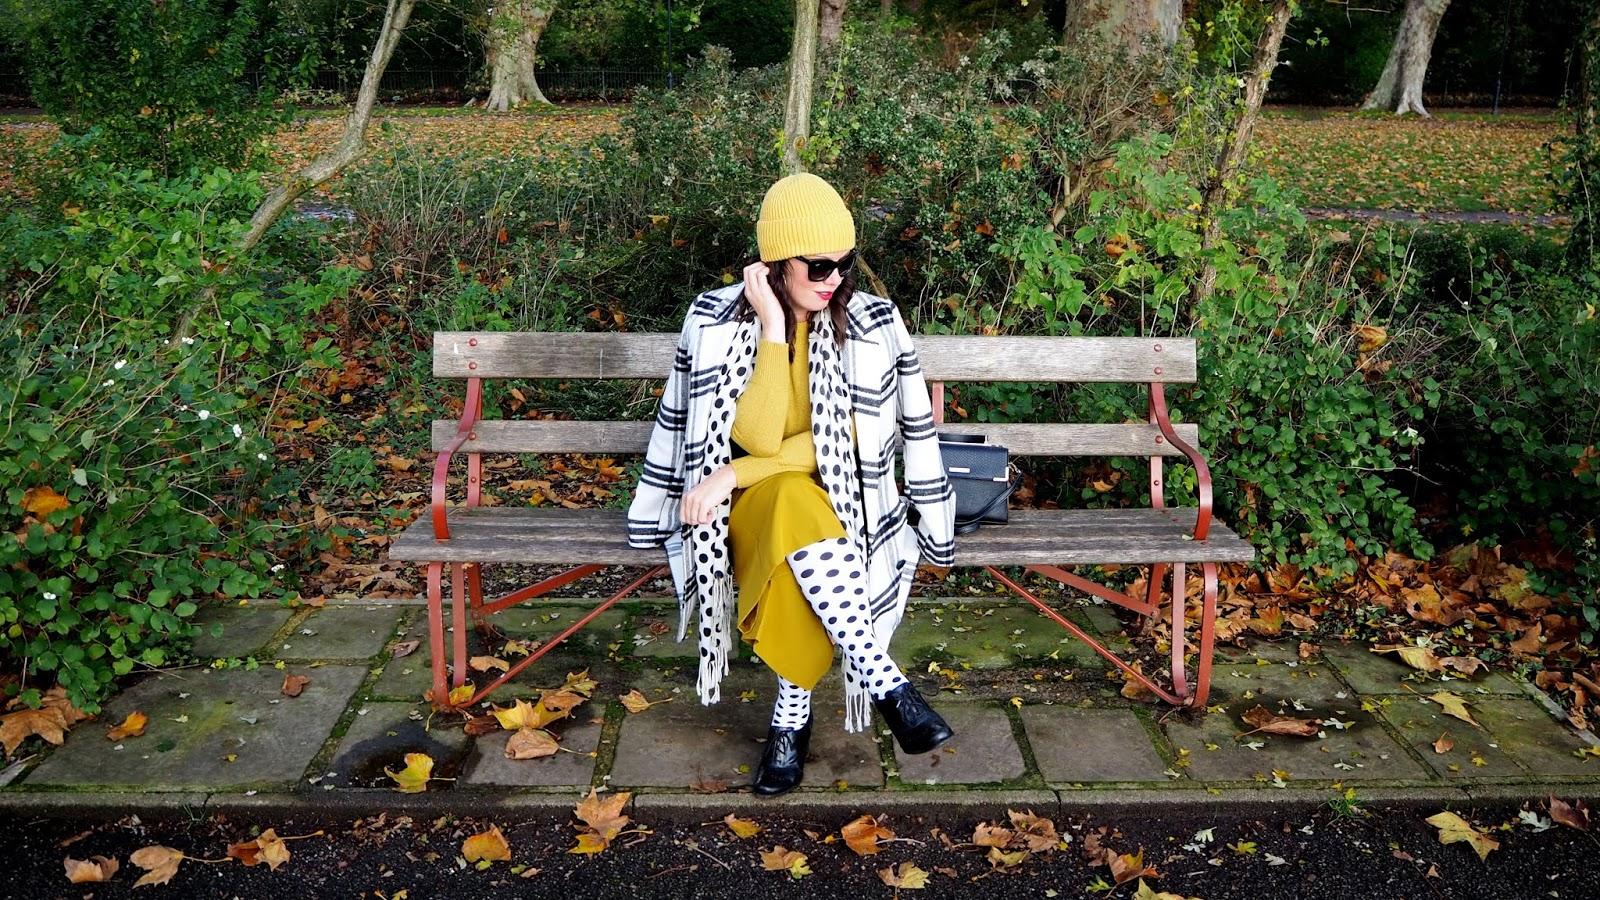 sitting in Bishop's Park